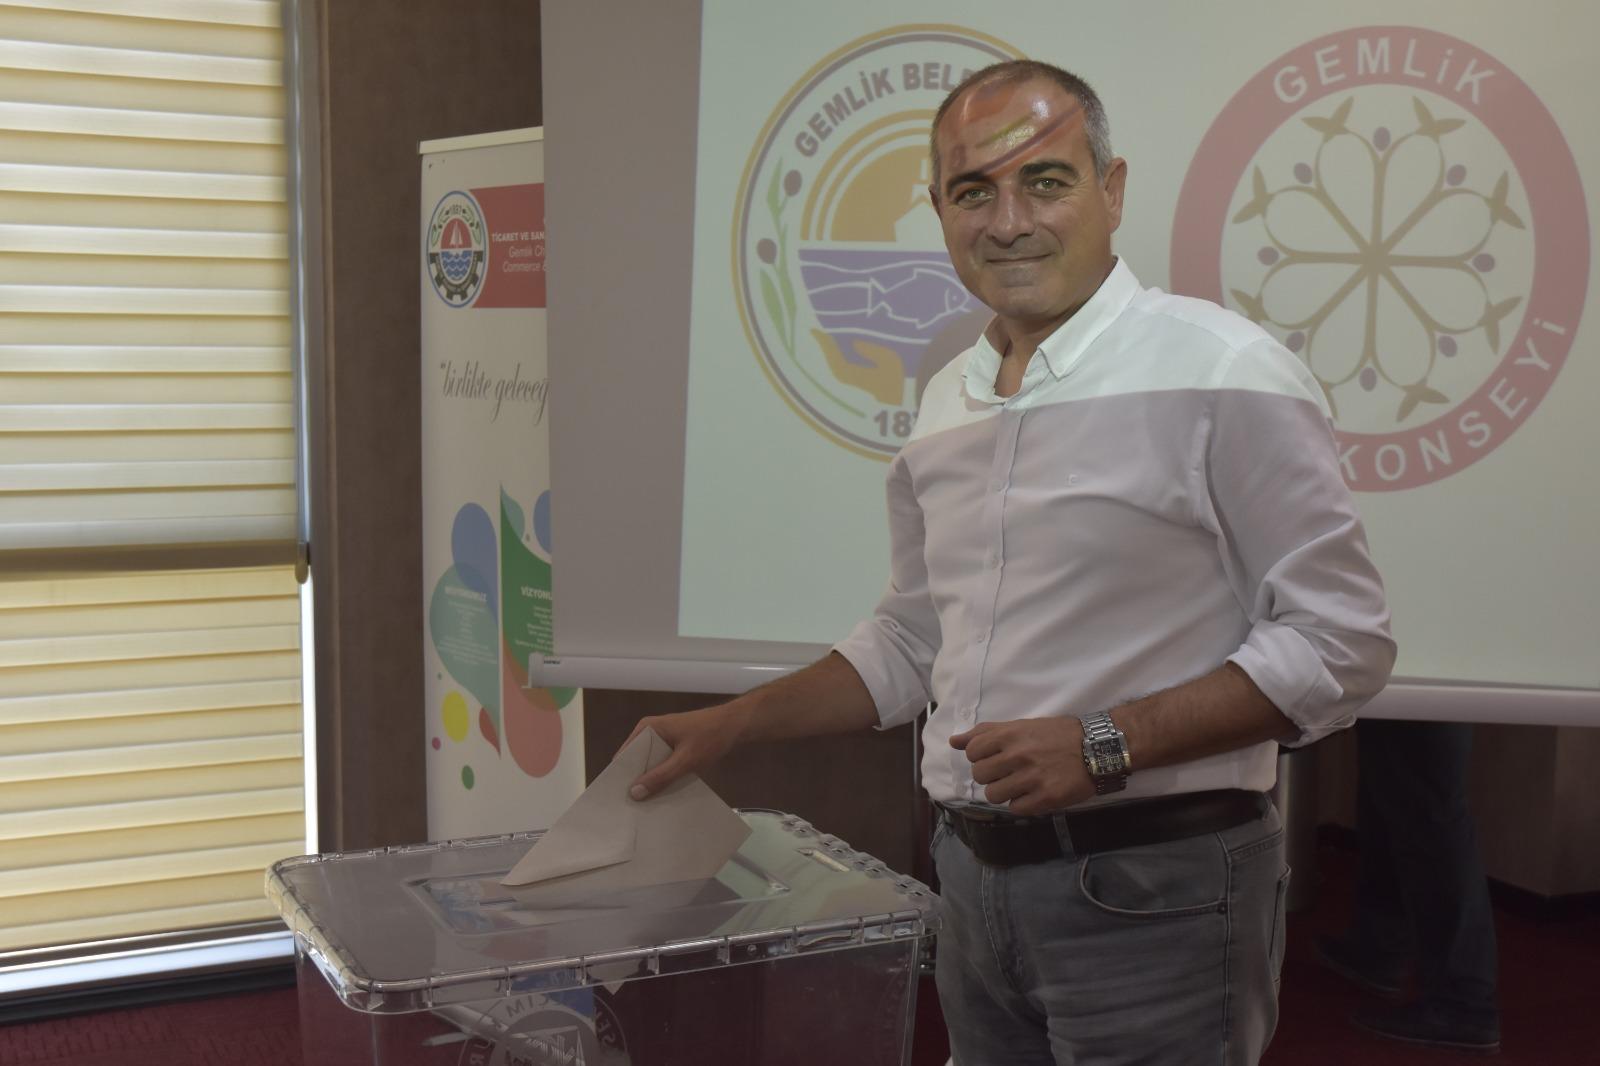 201906301801_kent-konseyi-yeni-başkanı-gürhan-çetinkaya-(2).jpeg